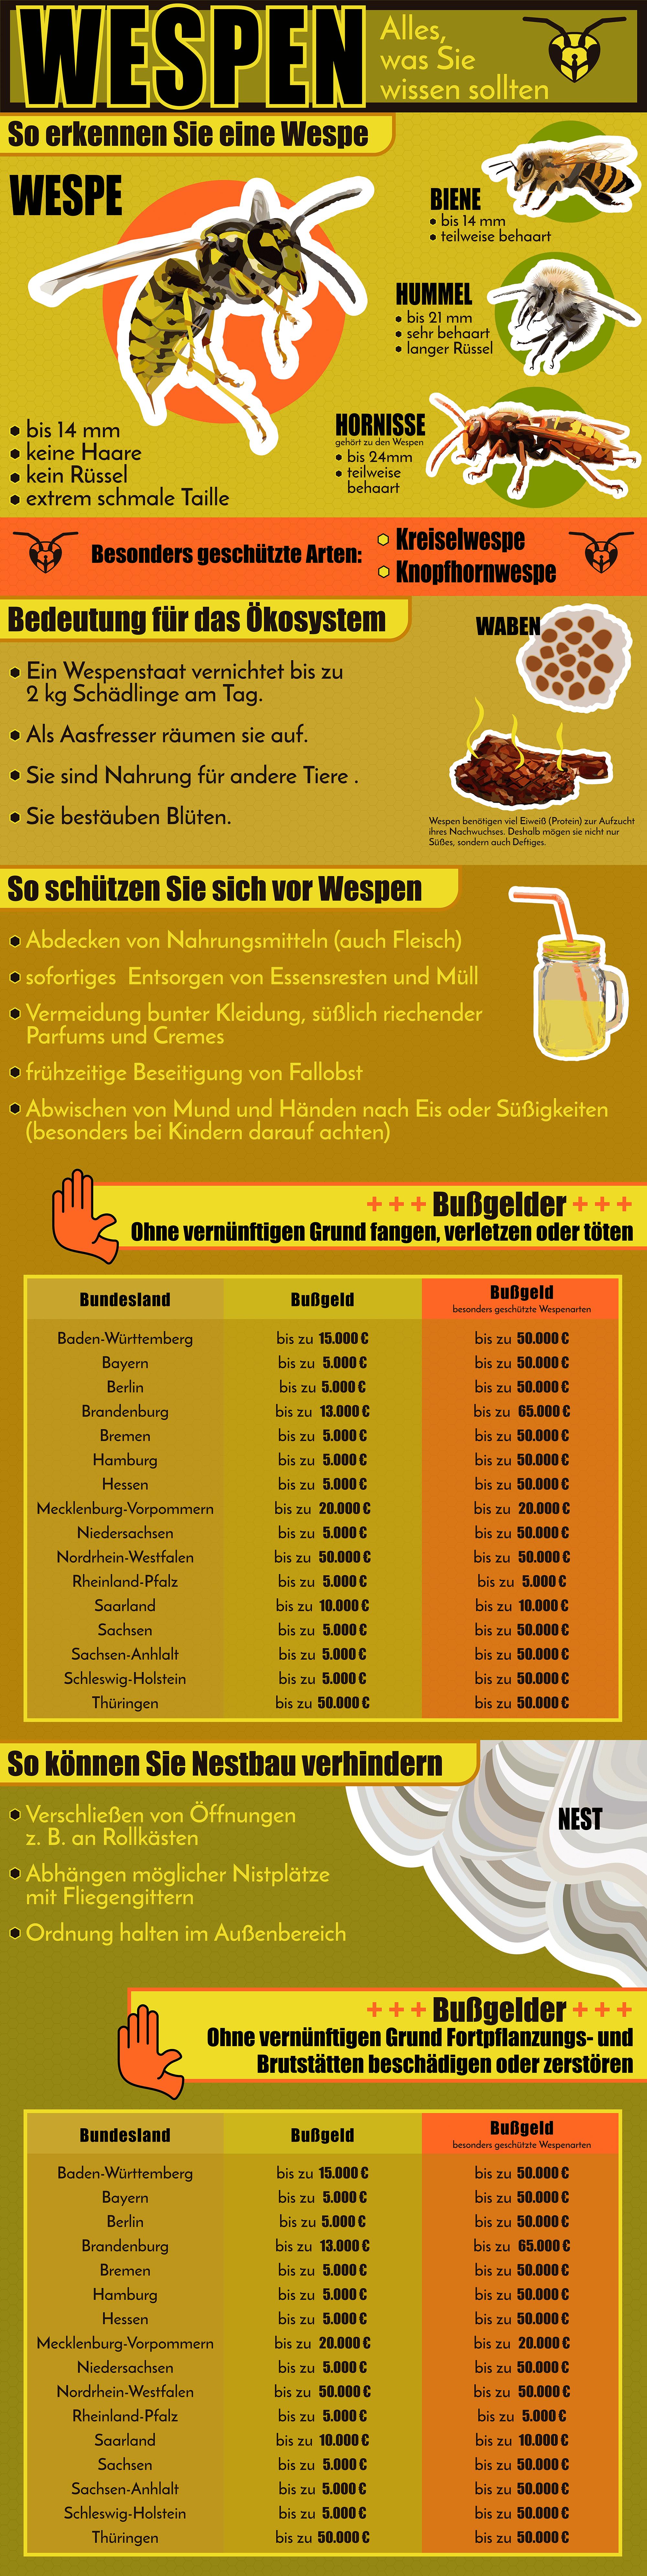 Wespen-Infografik